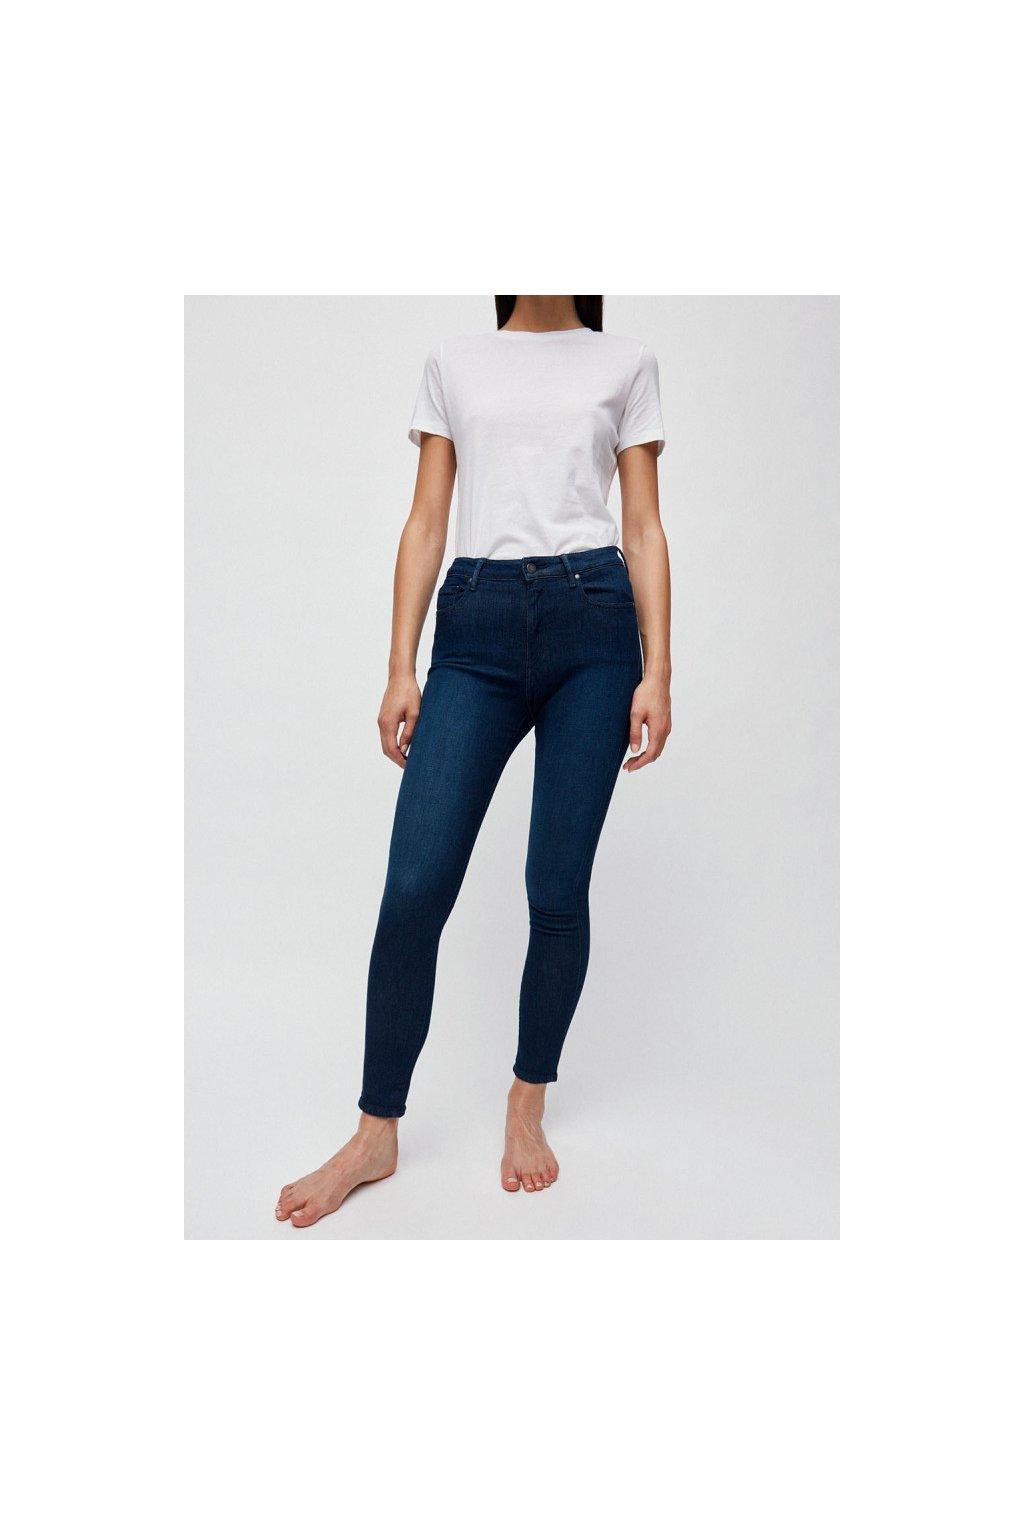 """Dámské modré džíny """"TILLAA X STRETCH sea blue"""" (Velikost 25/32)"""